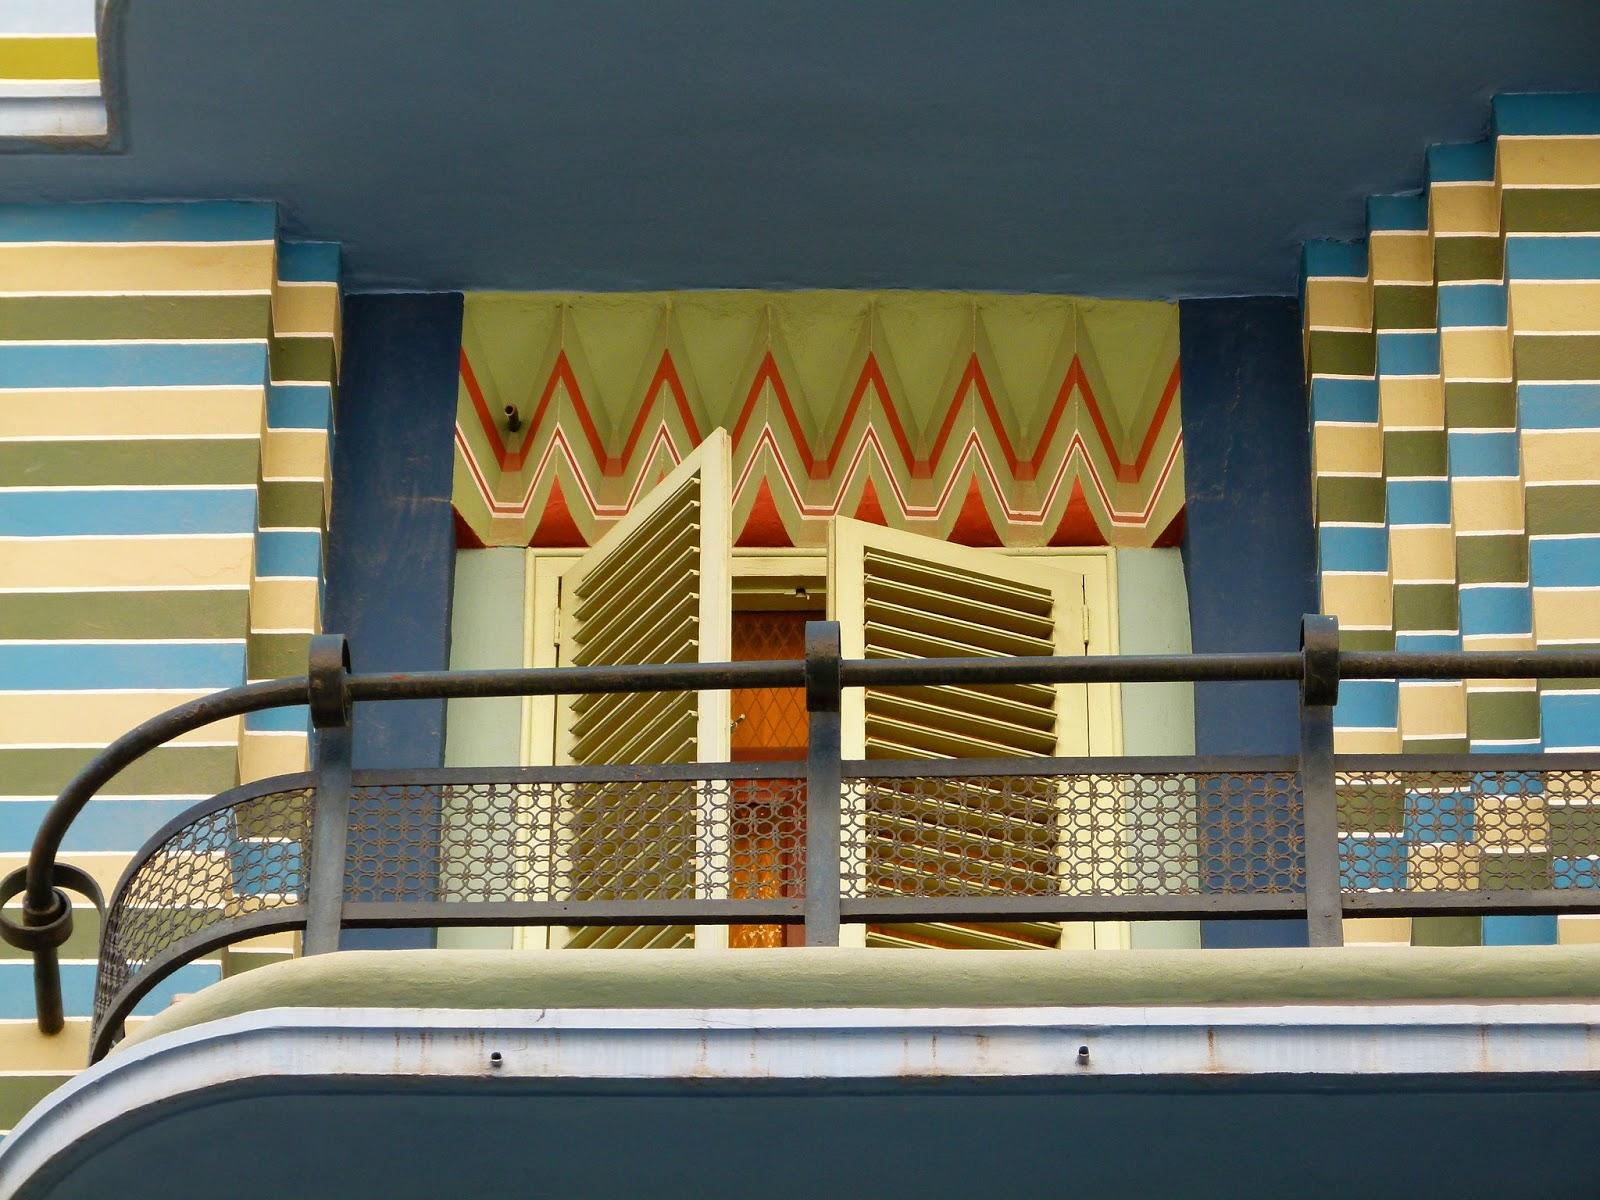 La casa jud a es uno de los edificios m s bonitos de for Decoracion casa judia